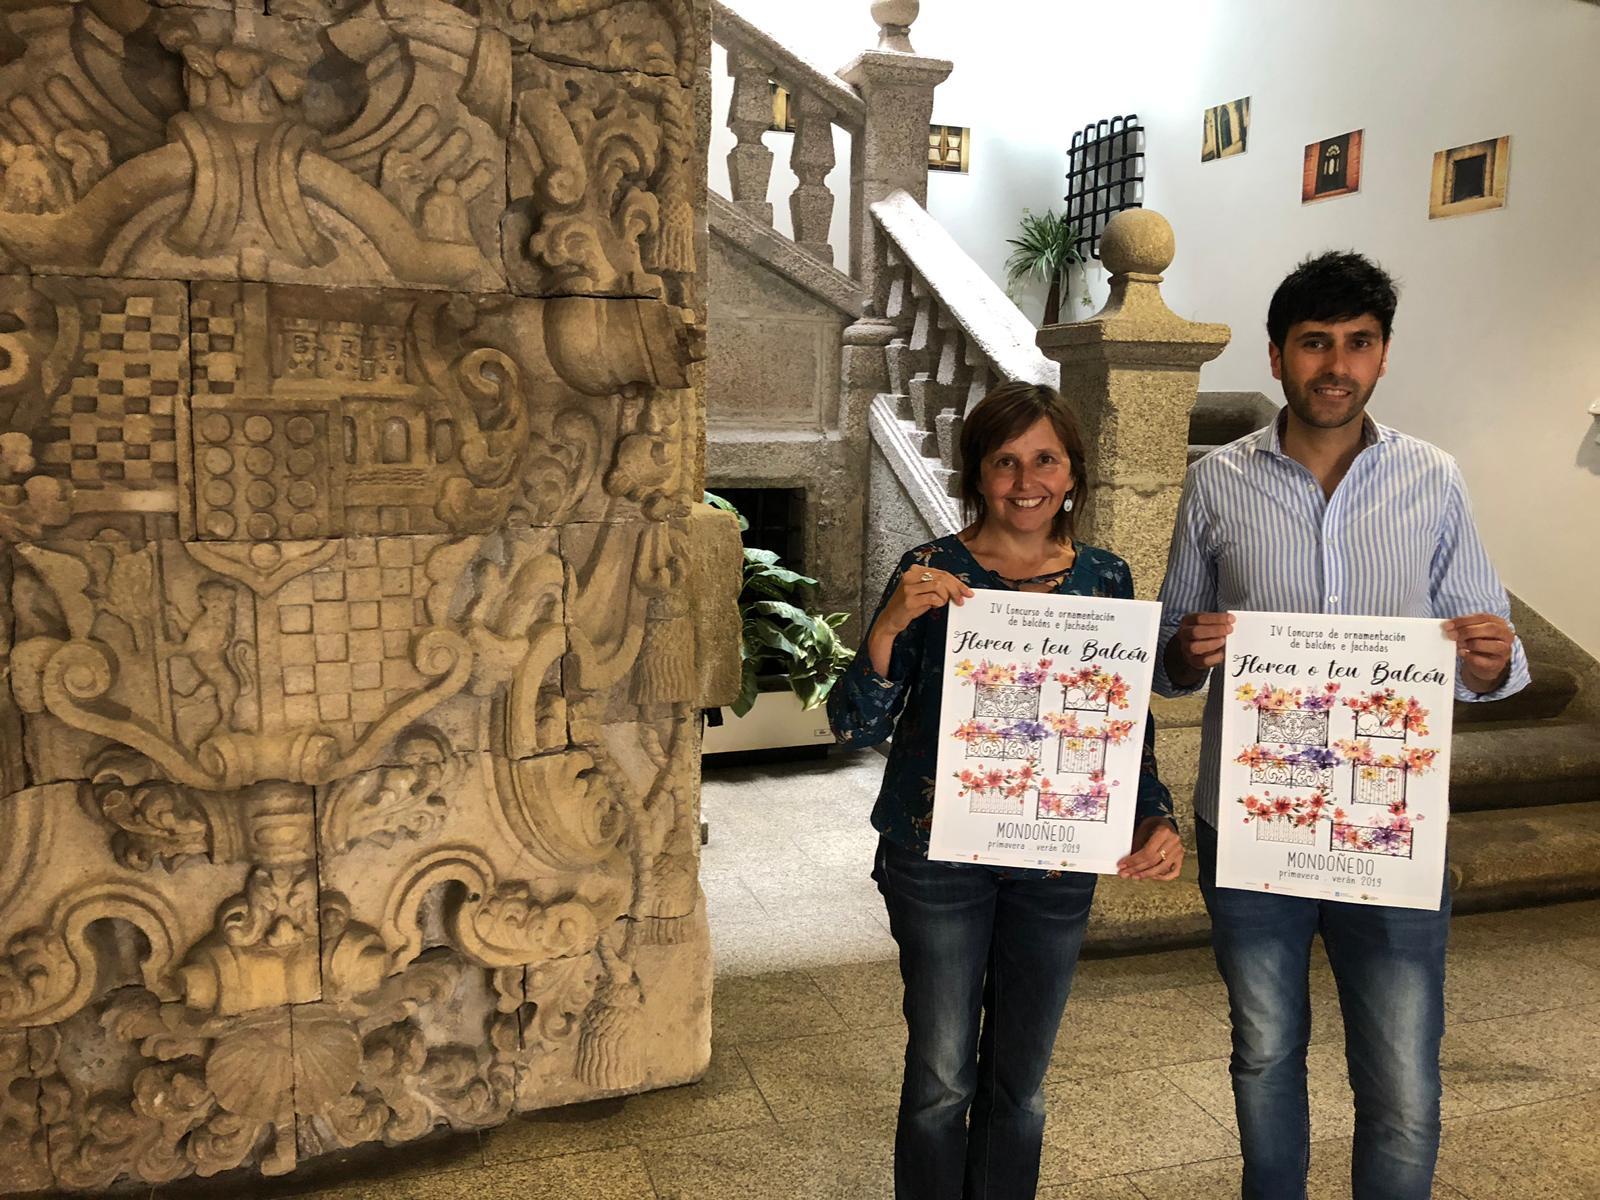 """El Concello de Mondoñedo convoca el IV Concurso de Decoración de Balcones y Fachadas """"Florea tu Balcón"""""""